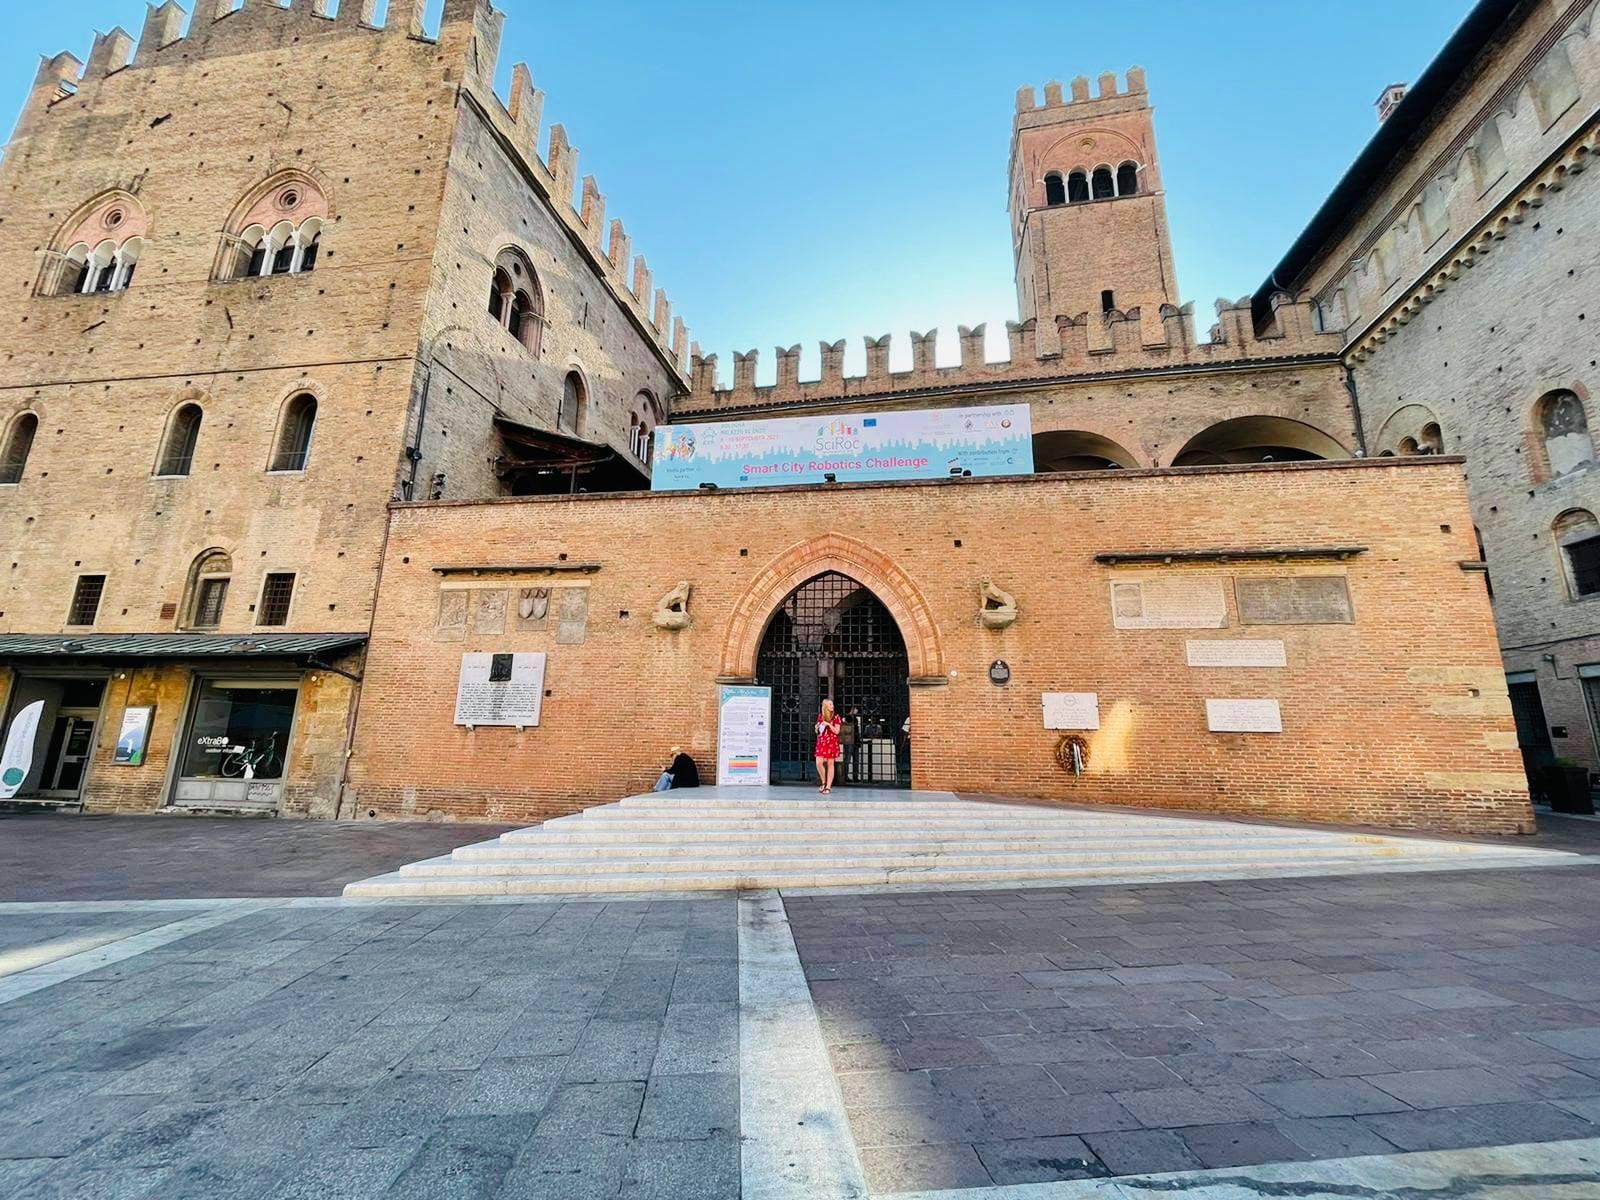 Palazzo Re Enzo - SciRoc Venue, Bologna 2021